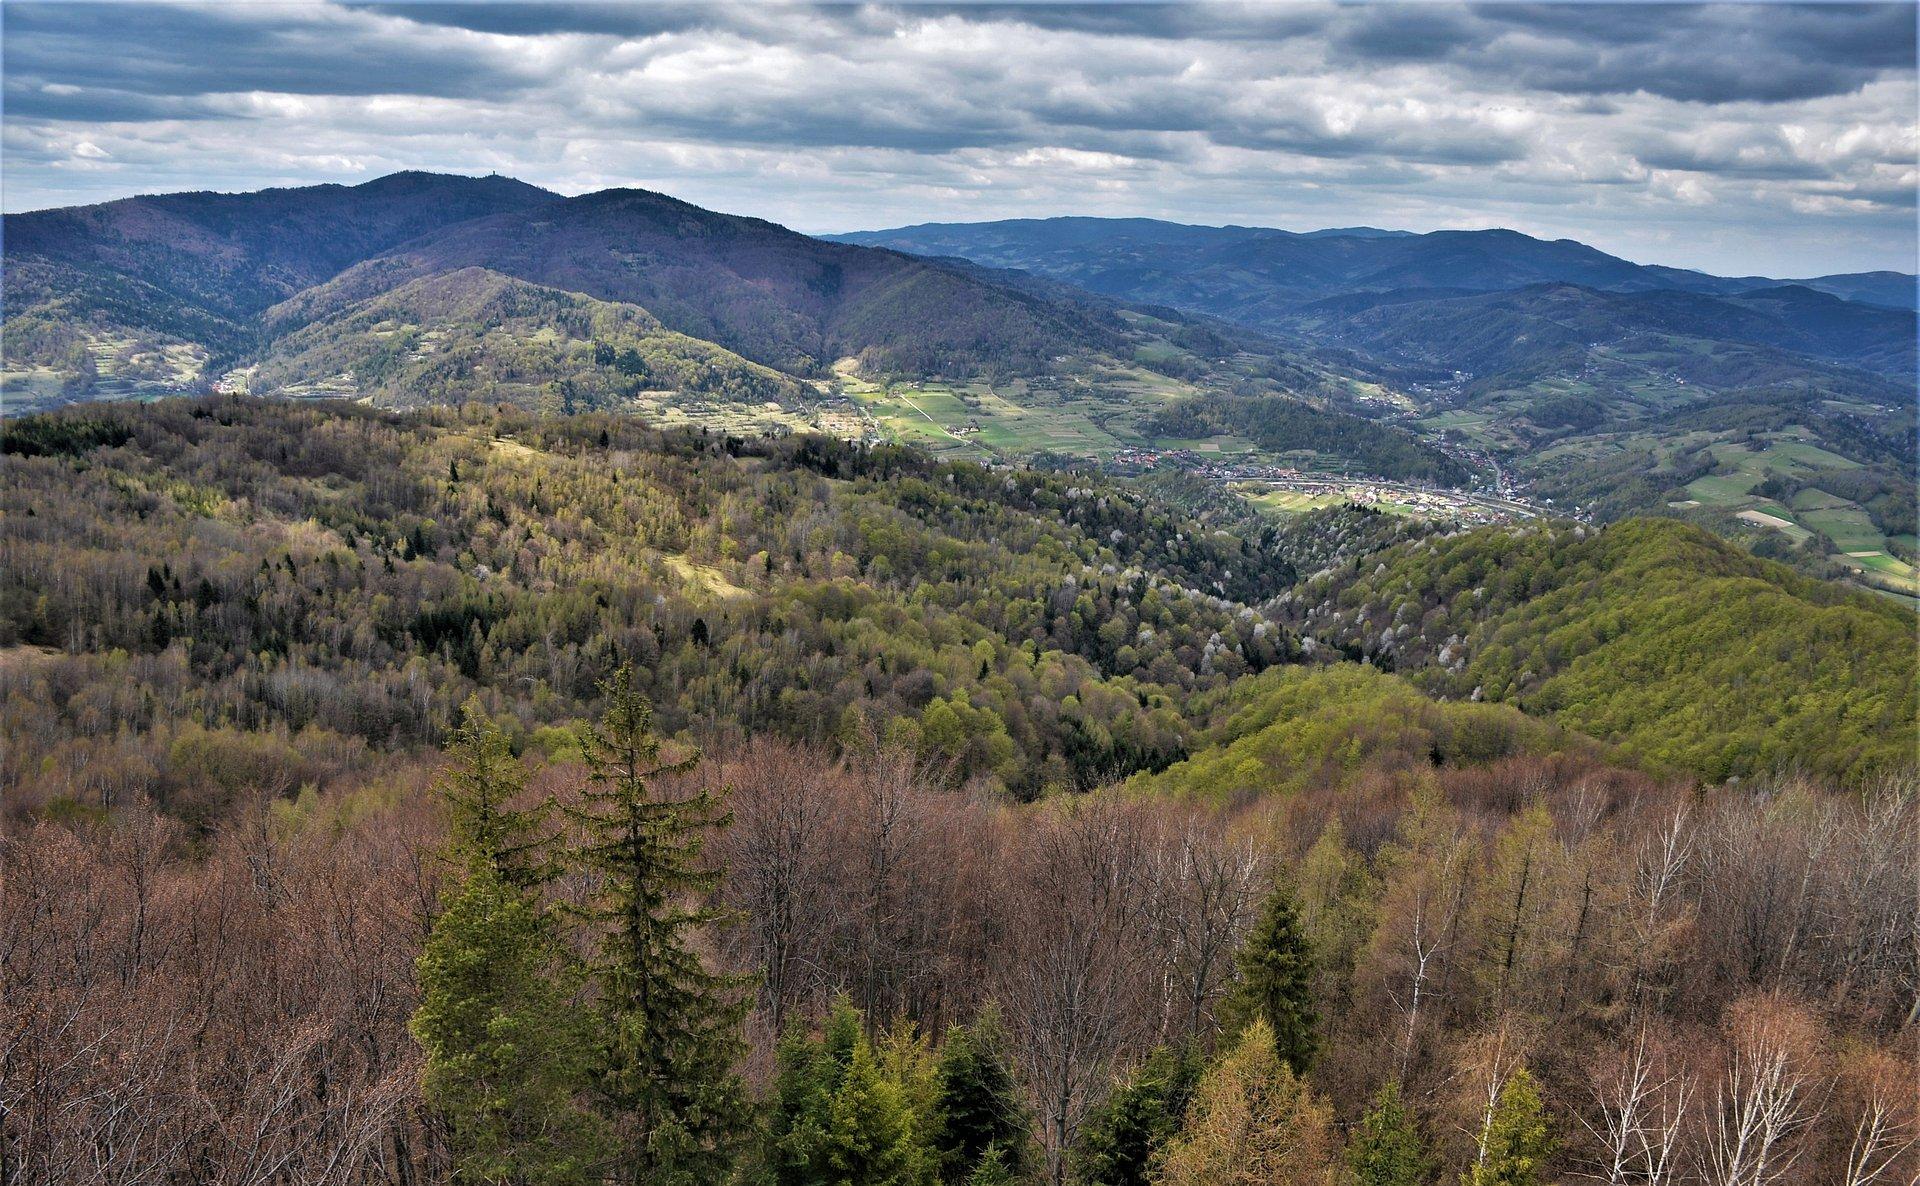 Turystyka poza utartym szlakiem – wyniki badania wśród małopolskiej branży turystycznej